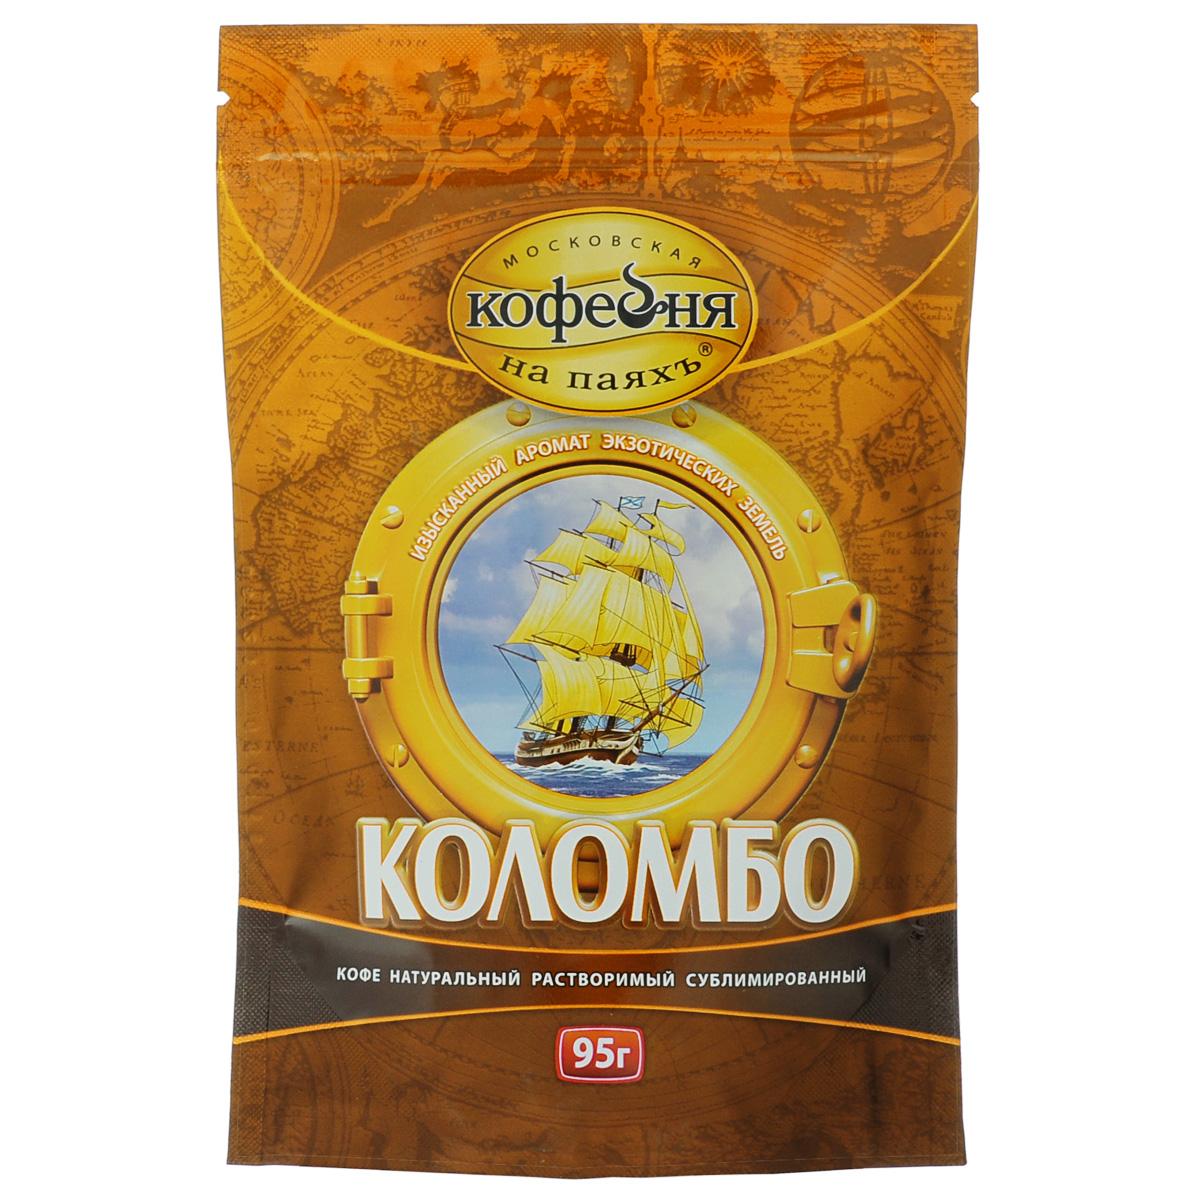 Московская кофейня на паяхъ Коломбо кофе рaстворимый, пакет 95 г0120710Кофе натуральный растворимый сублимированный Московская кофейня на паяхъ Коломбо. Приготовлен из высококачественной Арабики. Темная обжарка придает крепкий насыщенный вкус и глубокий аромат.Родина кофе – Африка, но только в странах Латинской Америки он нашел свой истинный дом, ведь идеальные условия для возделывания кофейного дерева самой природой созданы именно там. Коломбо понравится тем, кто ценит крепкий кофе со сложным, чуть терпким вкусом. Если Арабика кажется вам слишком мягкой, попробуйте Коломбо. Это идеально выверенная смесь сортов арабики из Южной и Центральной Америки.